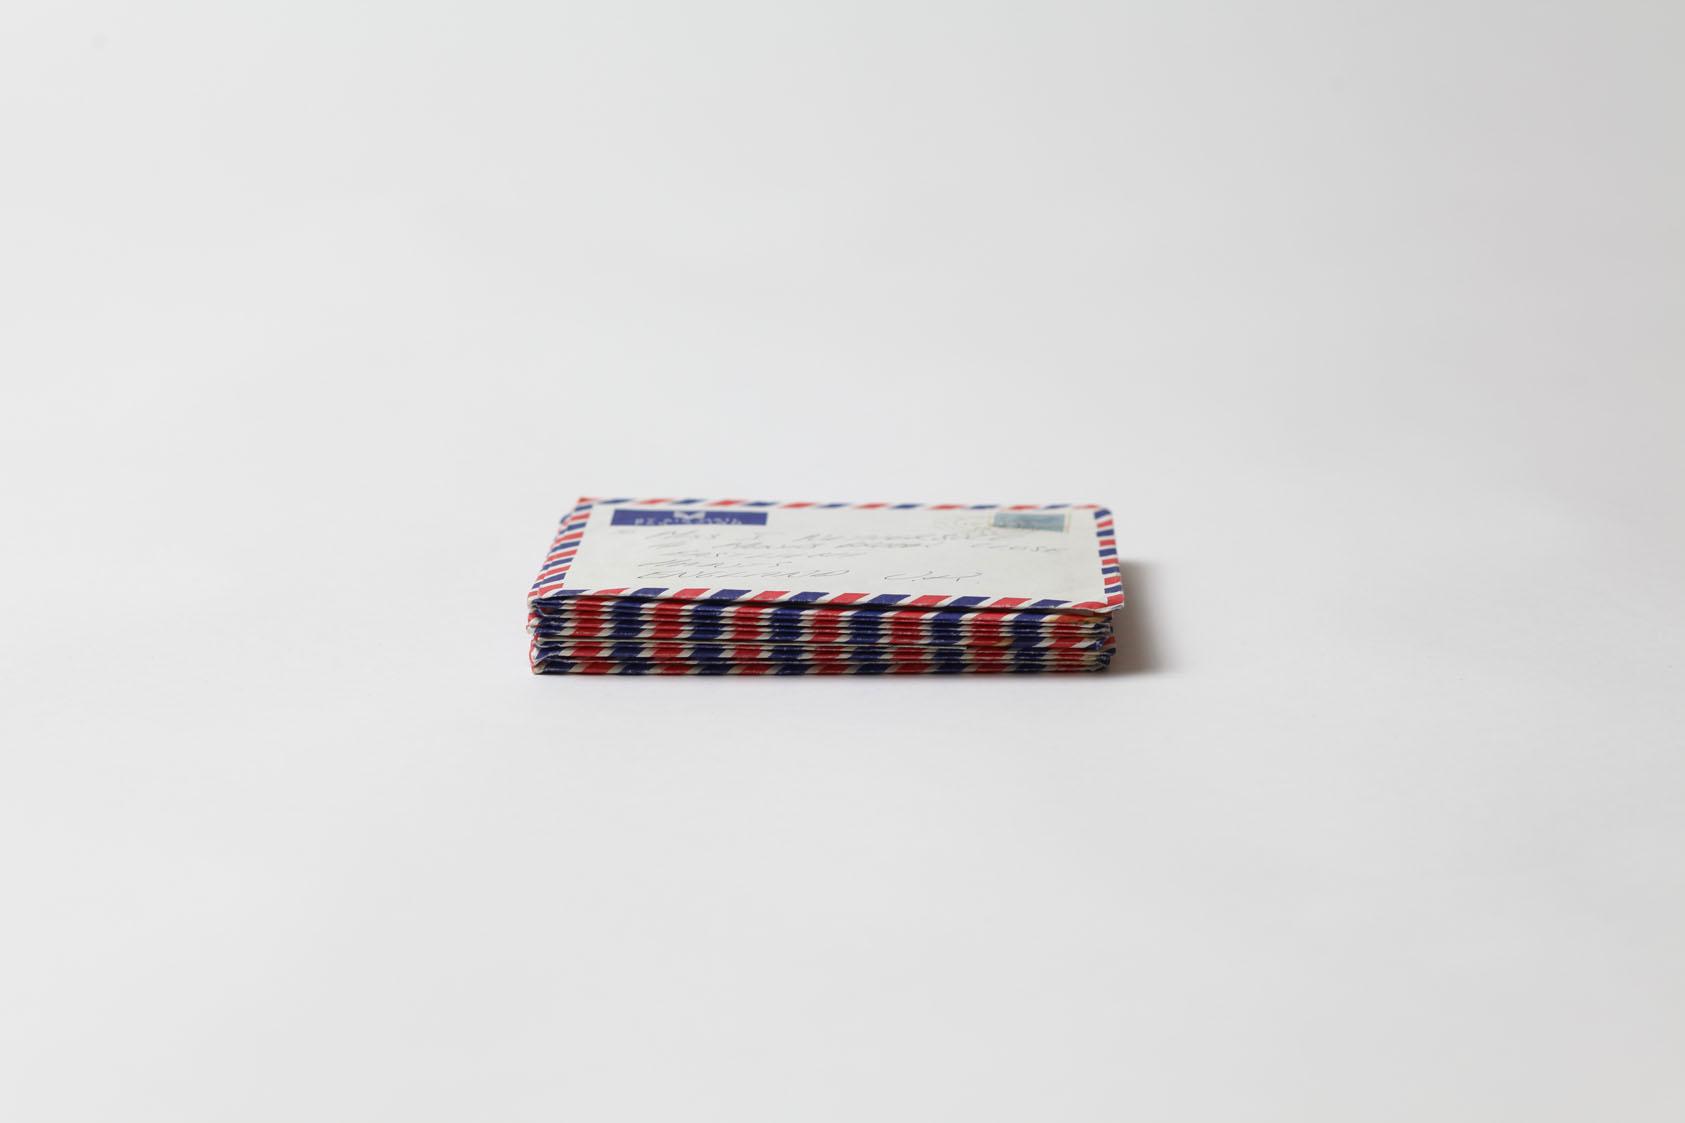 Untitled - Edition of 7 - 18x24cm £125 Unframed, £145 Framed - 30x40cm prints £175 Unframed, £200 Framed - Buy all 15 for £2000